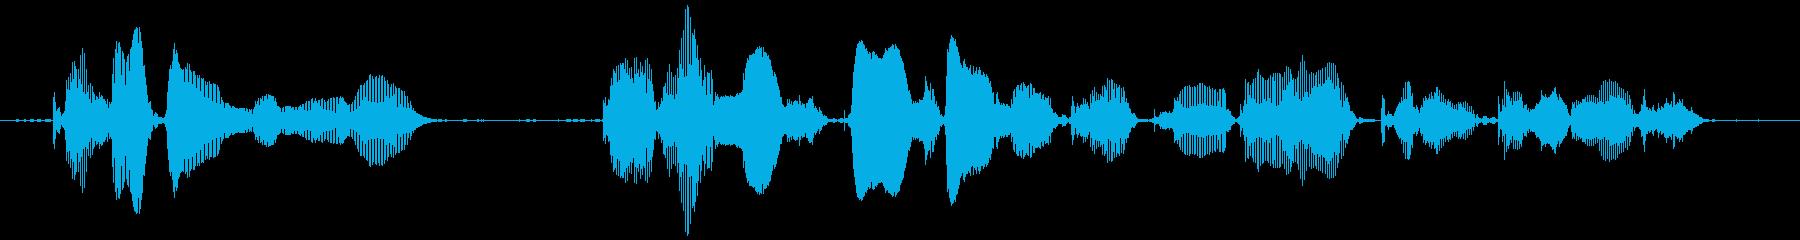 この番組はご覧のスポンサーの提供でお送りの再生済みの波形